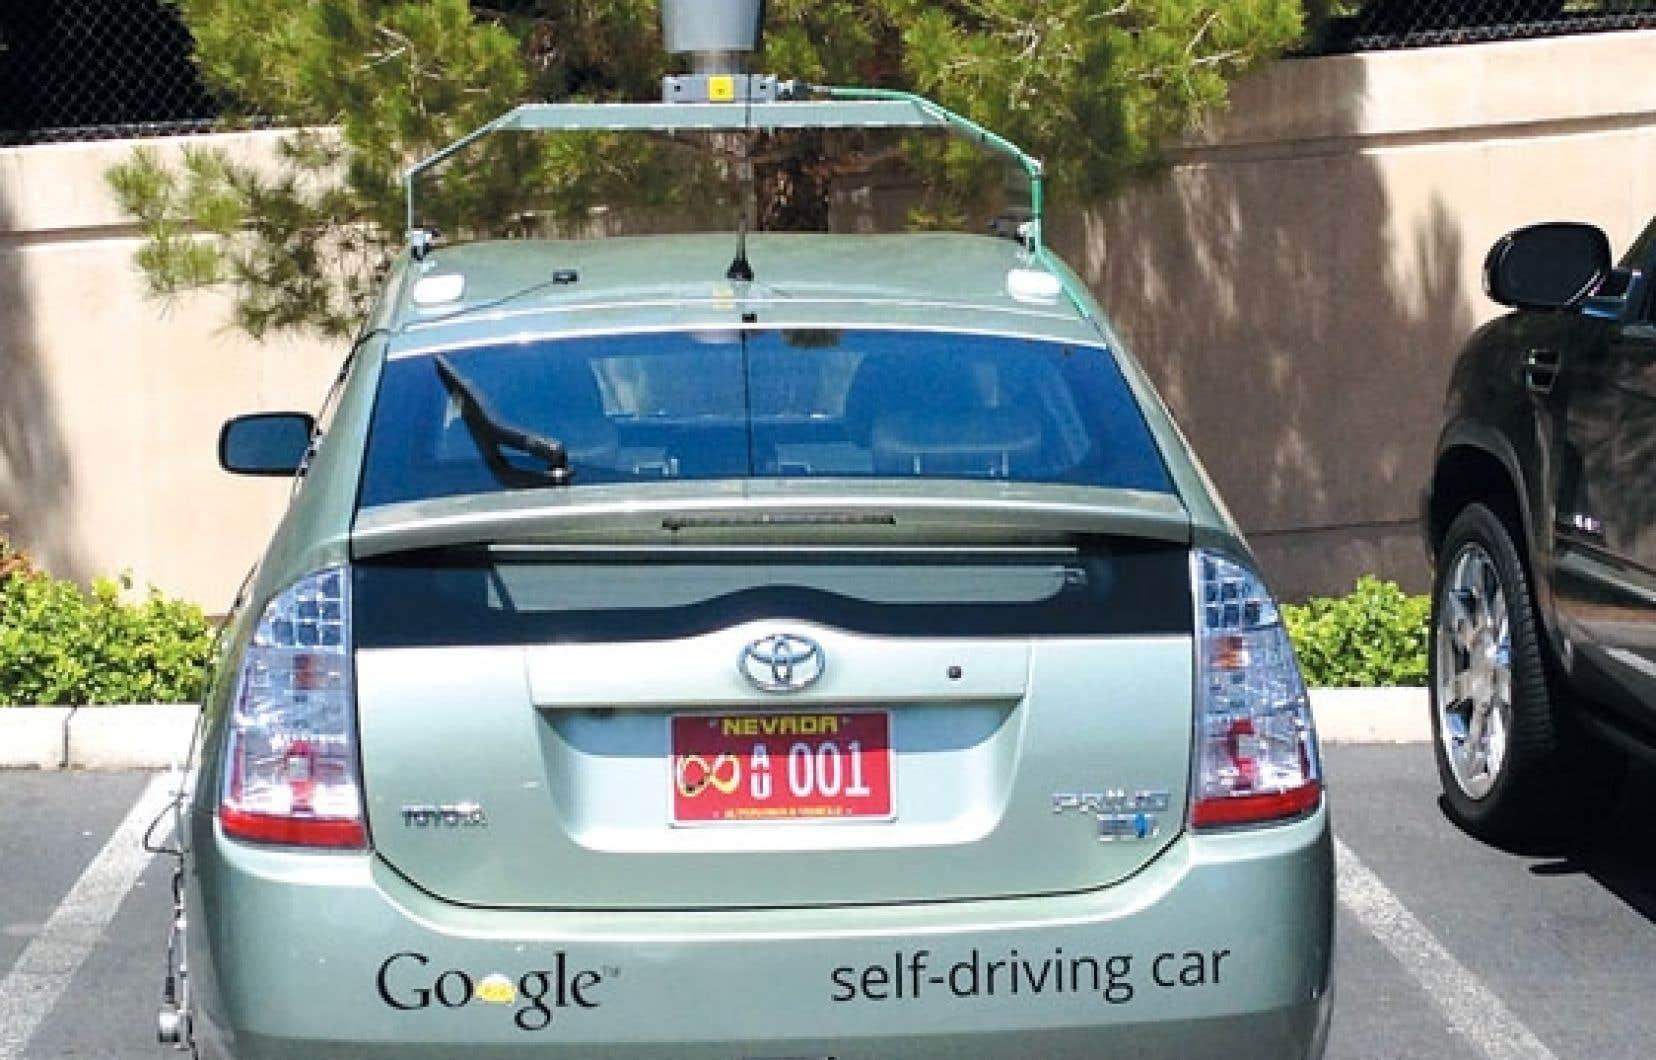 En mai dernier, Google a obtenu des autorités du Nevada une plaque d'immatriculation pour sa Toyota Prius, qui peut donc officiellement circuler sur les routes de l'État sans chauffeur.